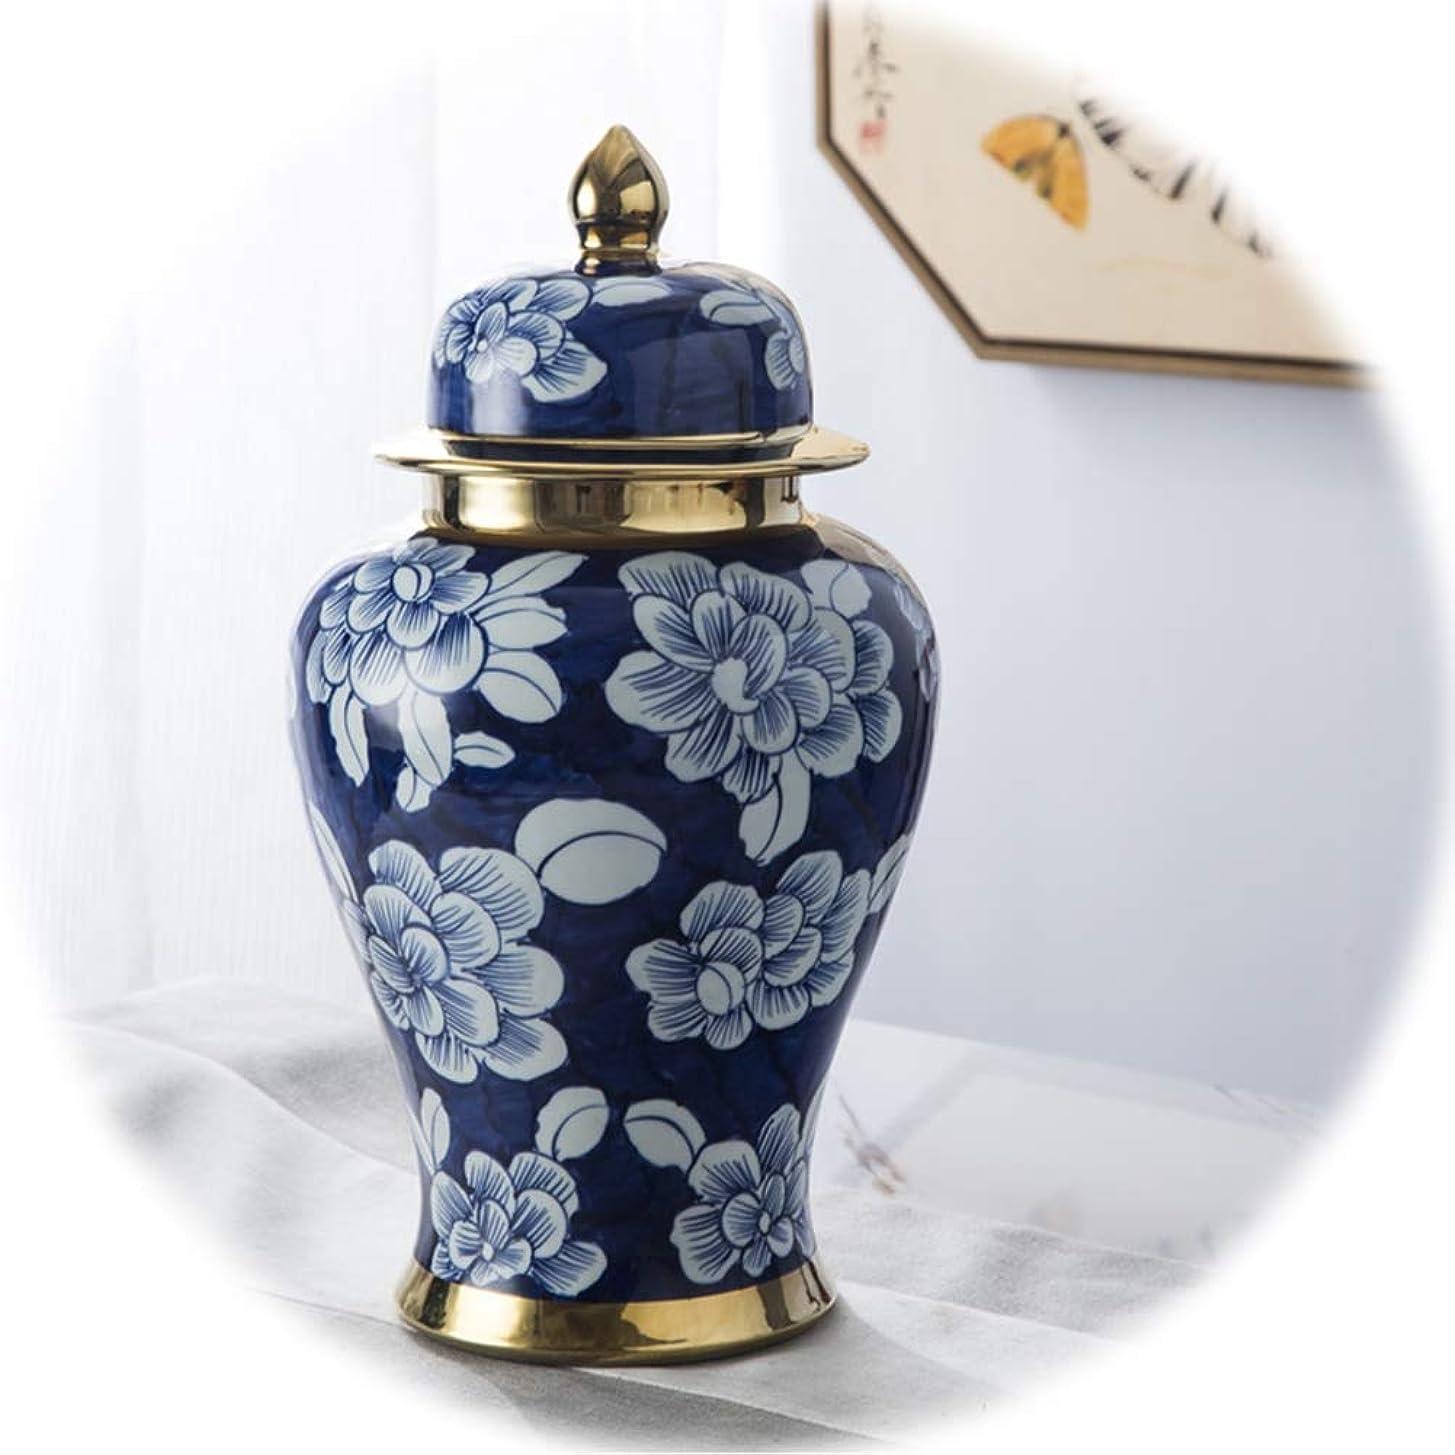 共産主義者しかし強度陶磁器の花瓶 XJJUN 陶磁器の花瓶 青と白の磁器 家の装飾 缶蓋 密封された 理想的な贈り物 リビングルーム 寝室 オフィス 贈り物 (Color : A, Size : 60x27cm)